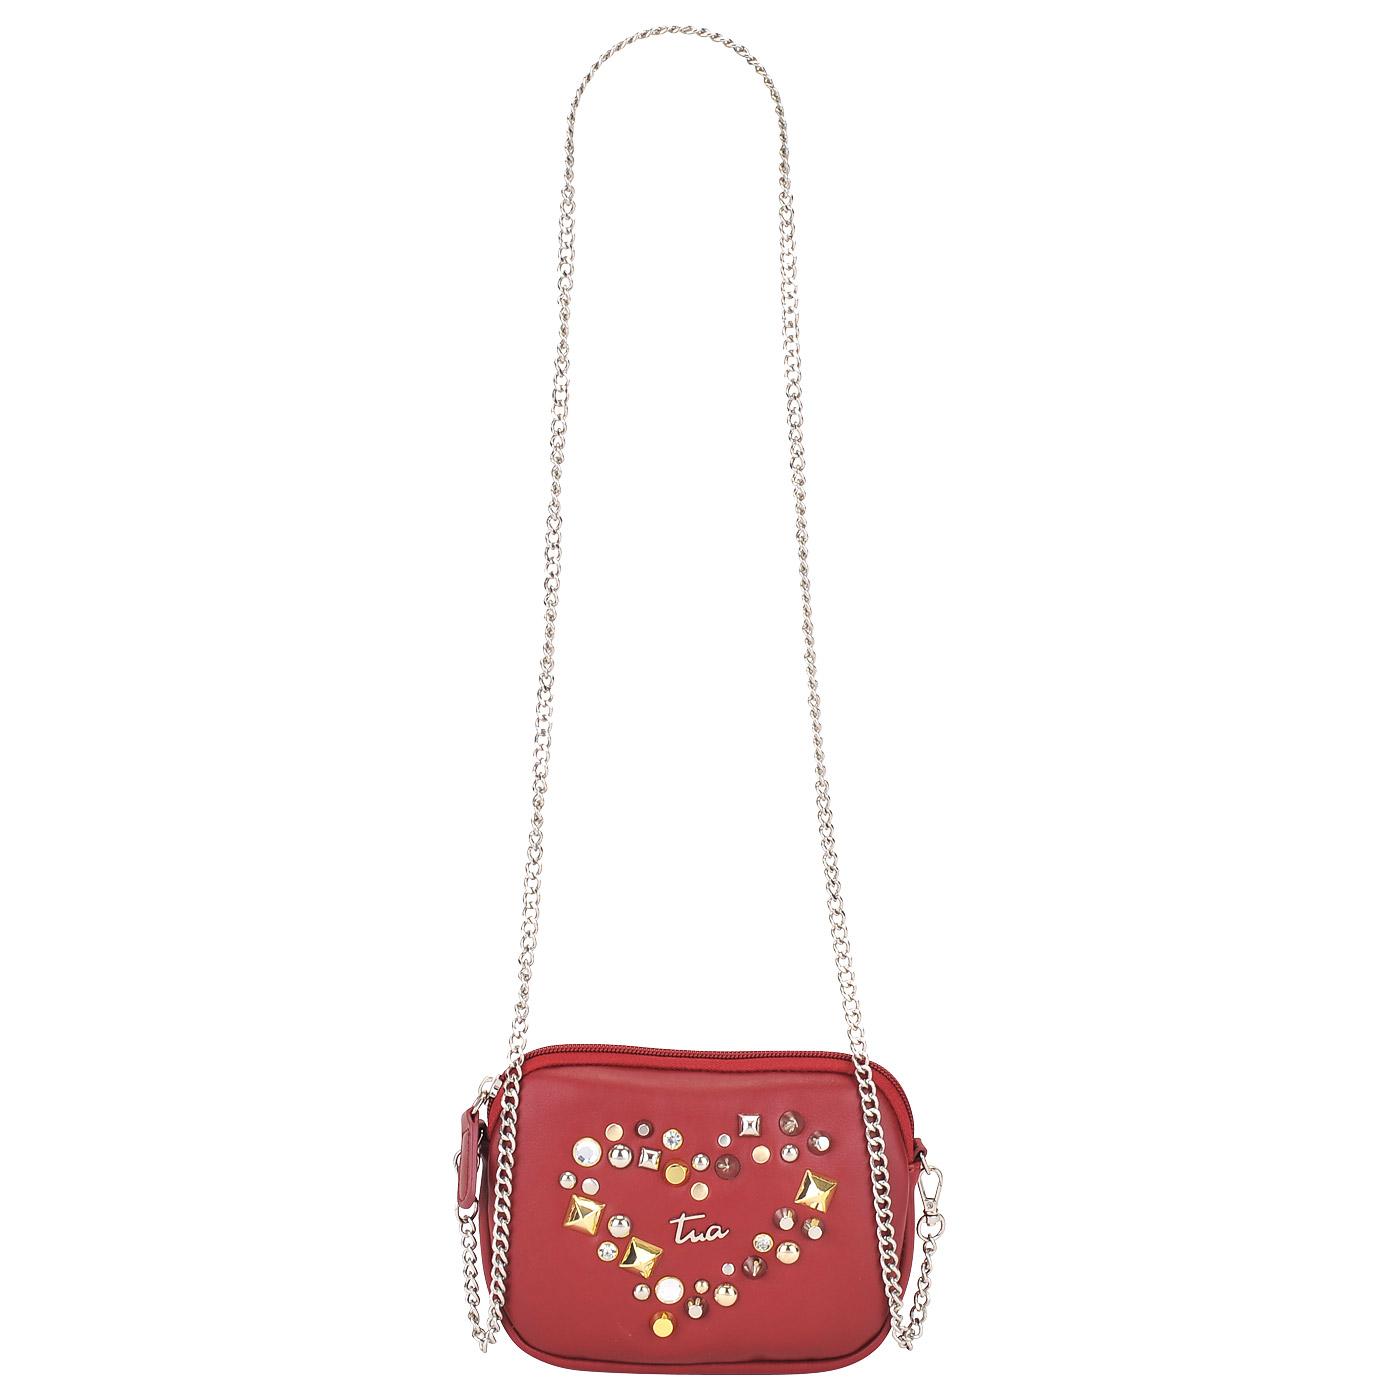 6837fddc3311 Женская сумка через плечо Braccialini Sparkling Женская сумка через плечо  Braccialini Sparkling ...